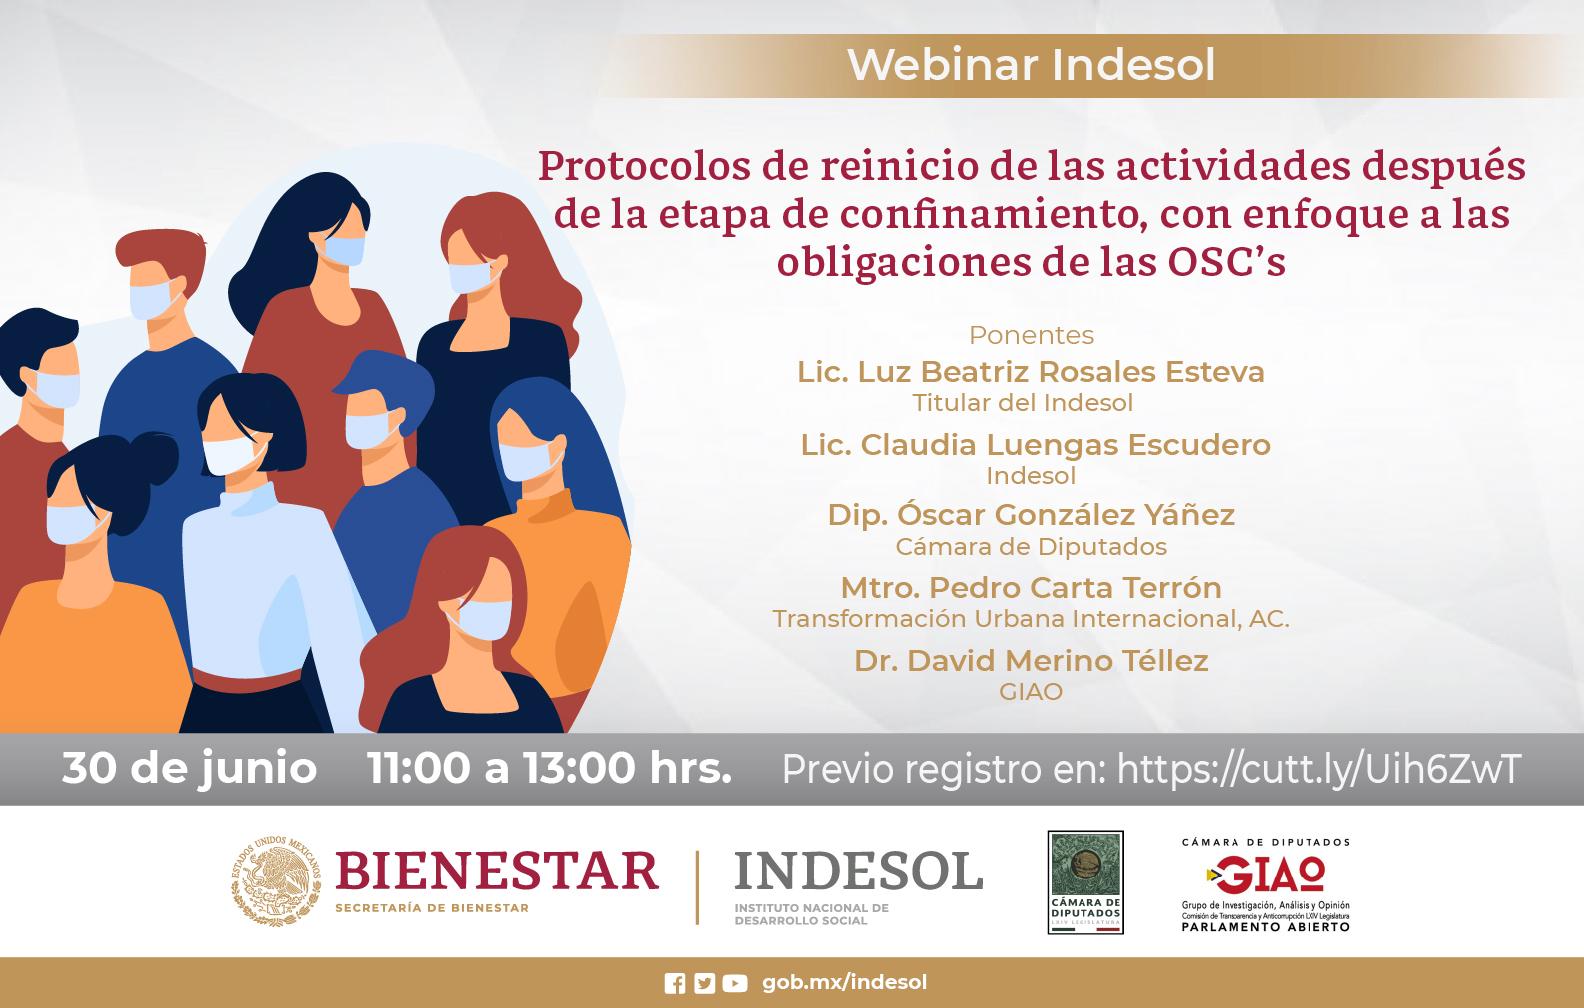 Webinar Indesol Protocolos de reinicio de las actividades después de la etapa de confinamiento, con enfoque a las obligaciones de las OSC's